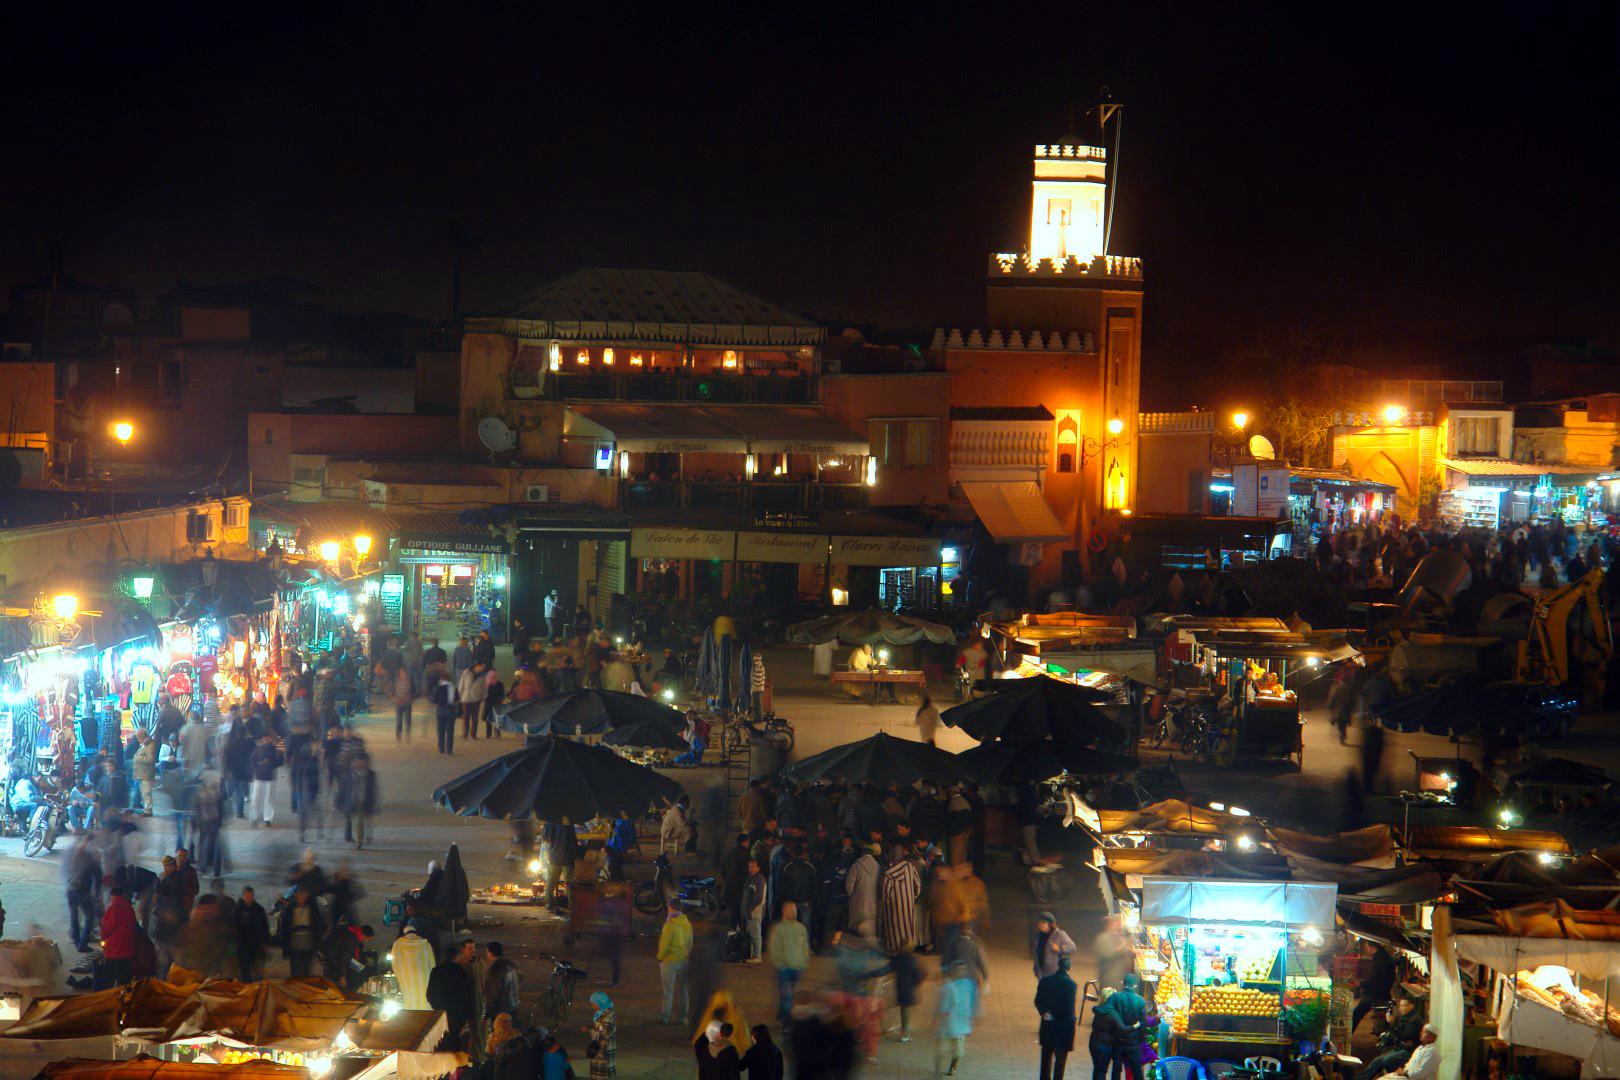 Qué ver en Marrakech, Marruecos - Morocco qué ver en marrakech - 30278612534 d94debb760 o - Qué ver en Marrakech, Marruecos